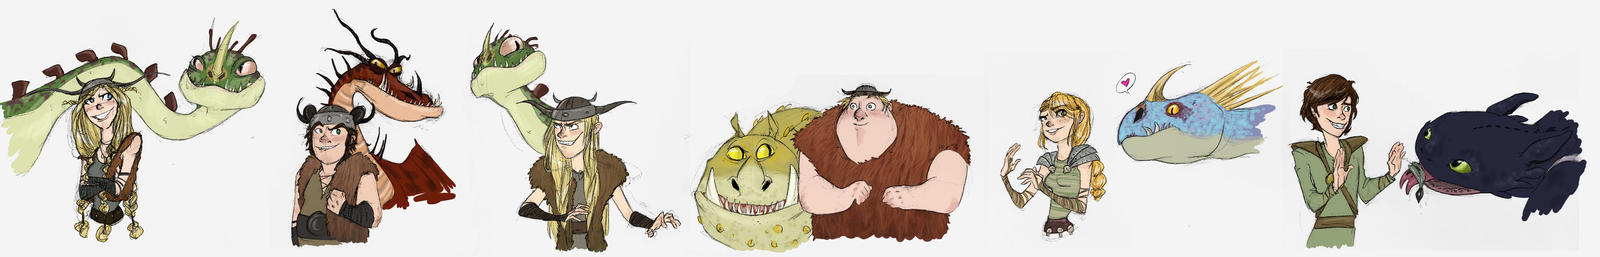 HTTYD characters hee hee by pixarjunkie